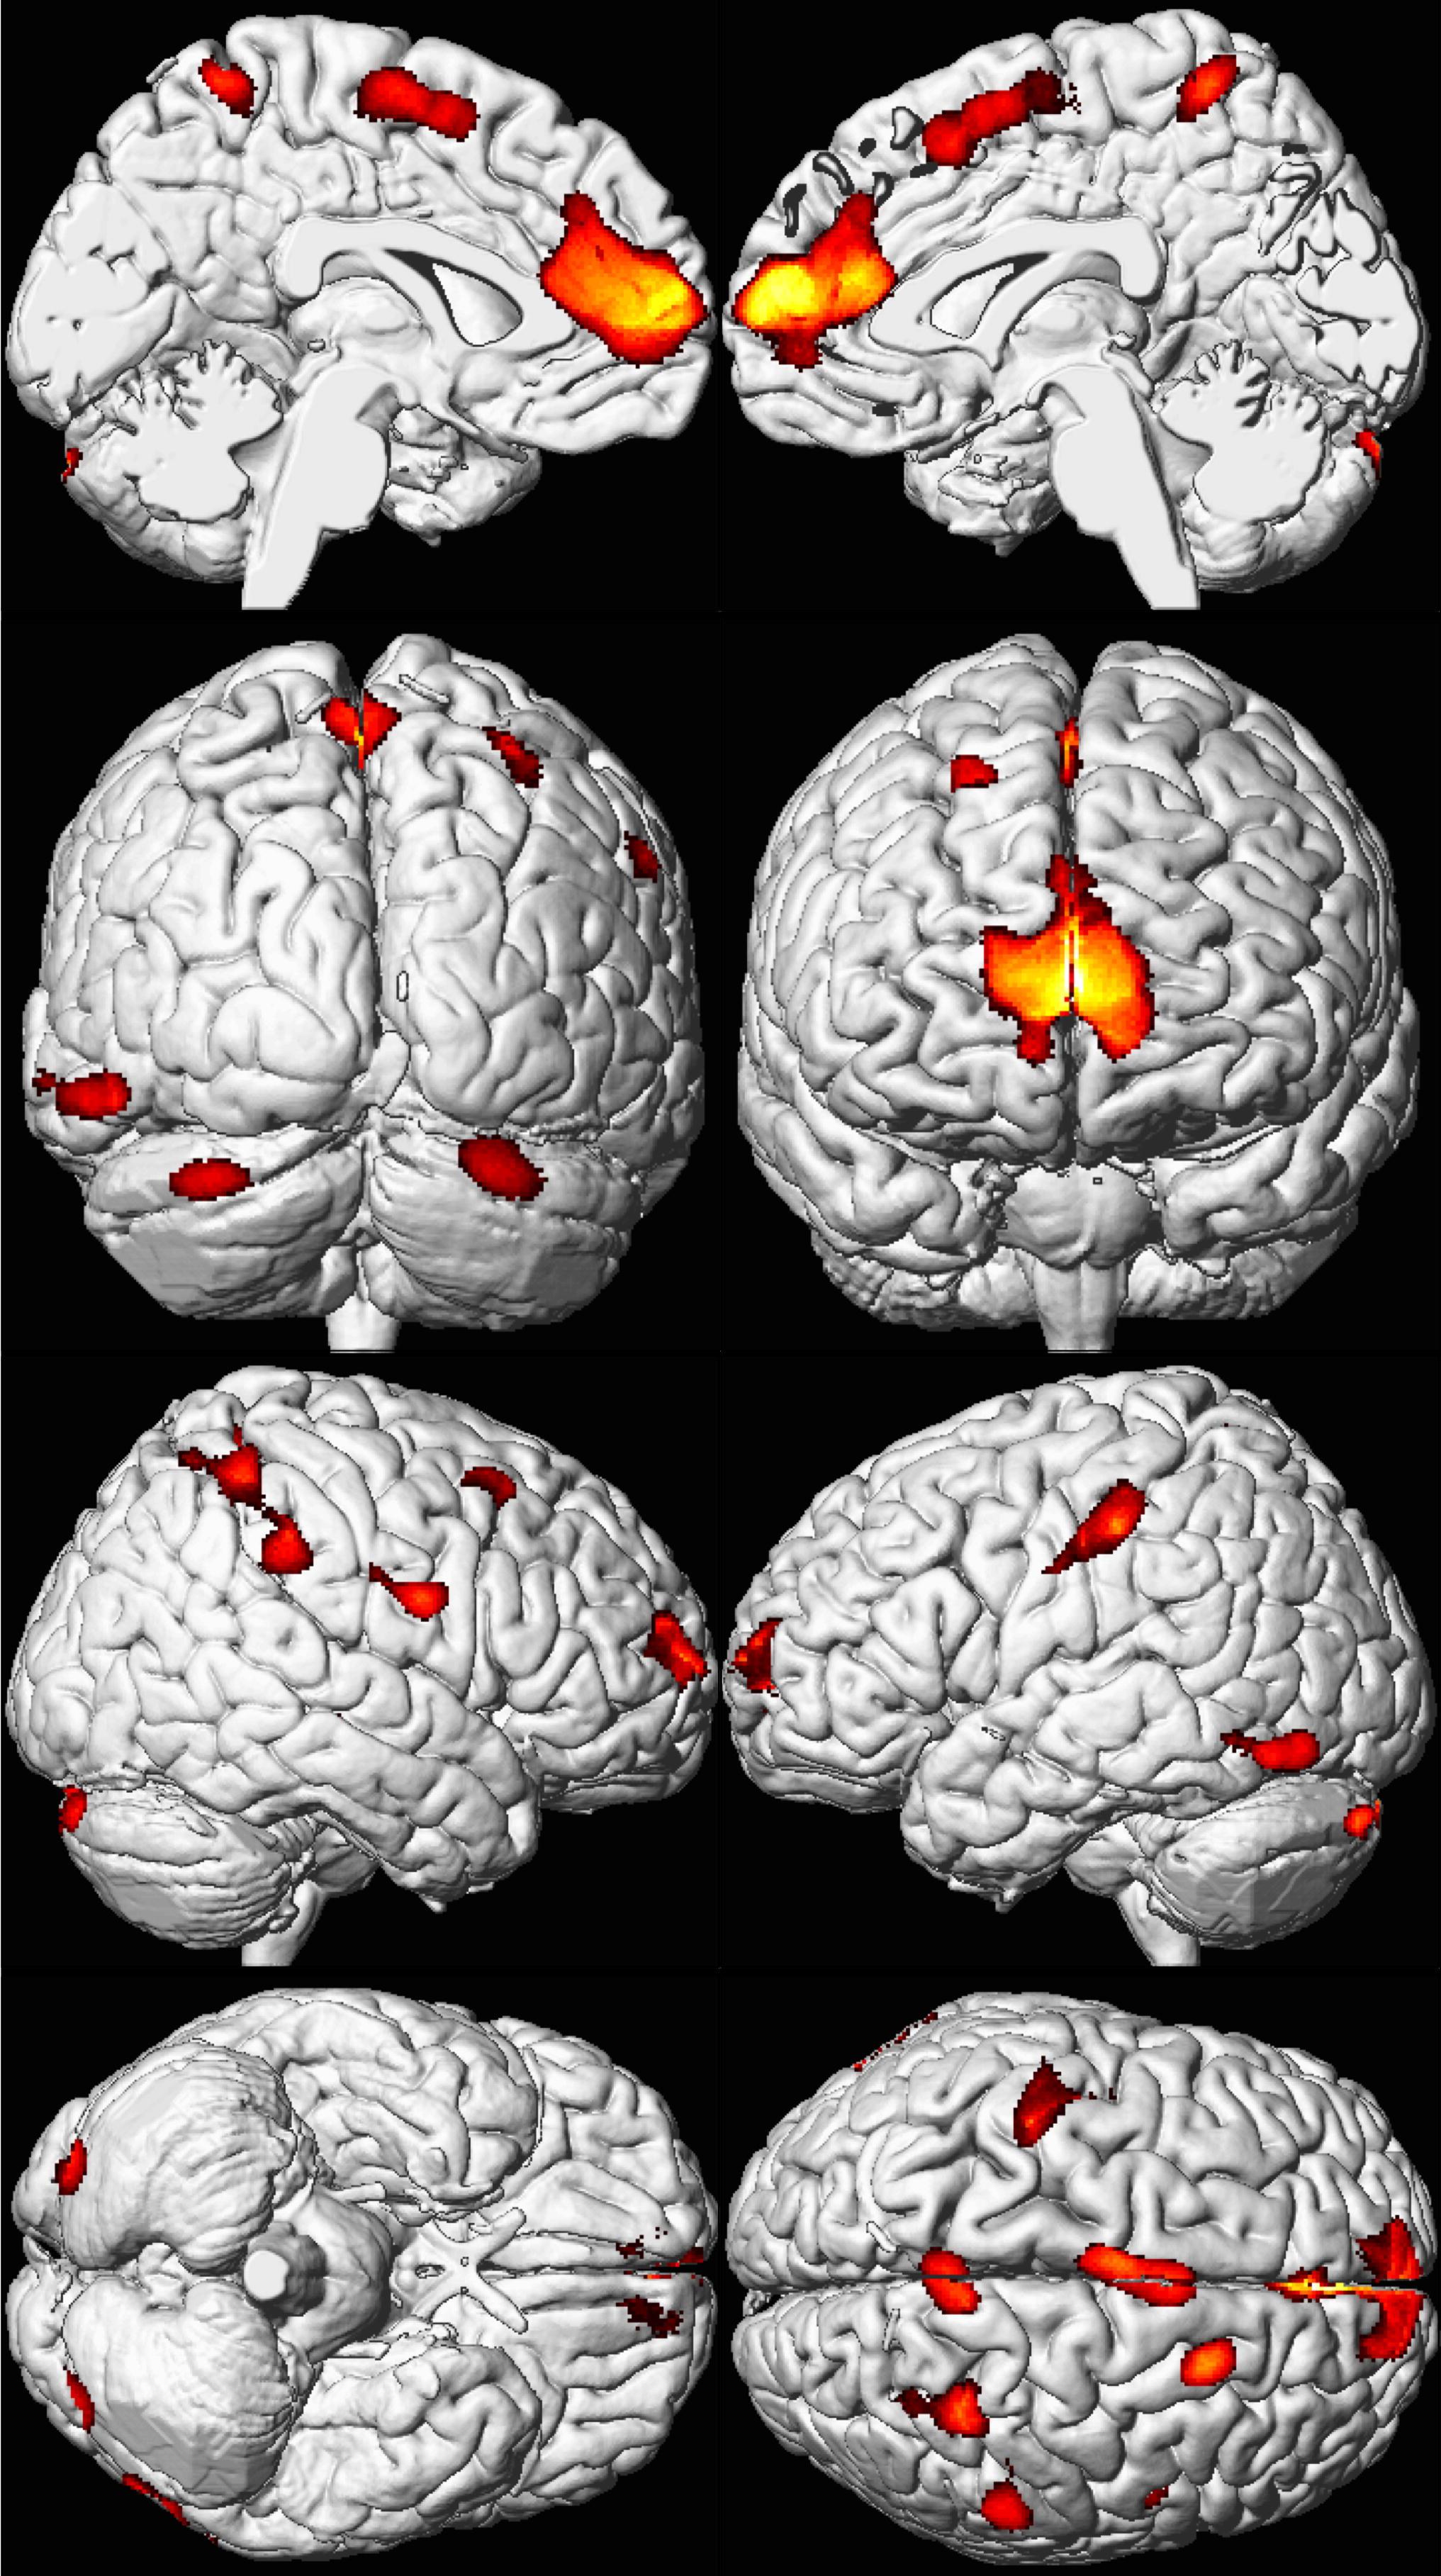 external image Decreased_Brain_Volume_from_Lead_Exposure.jpg